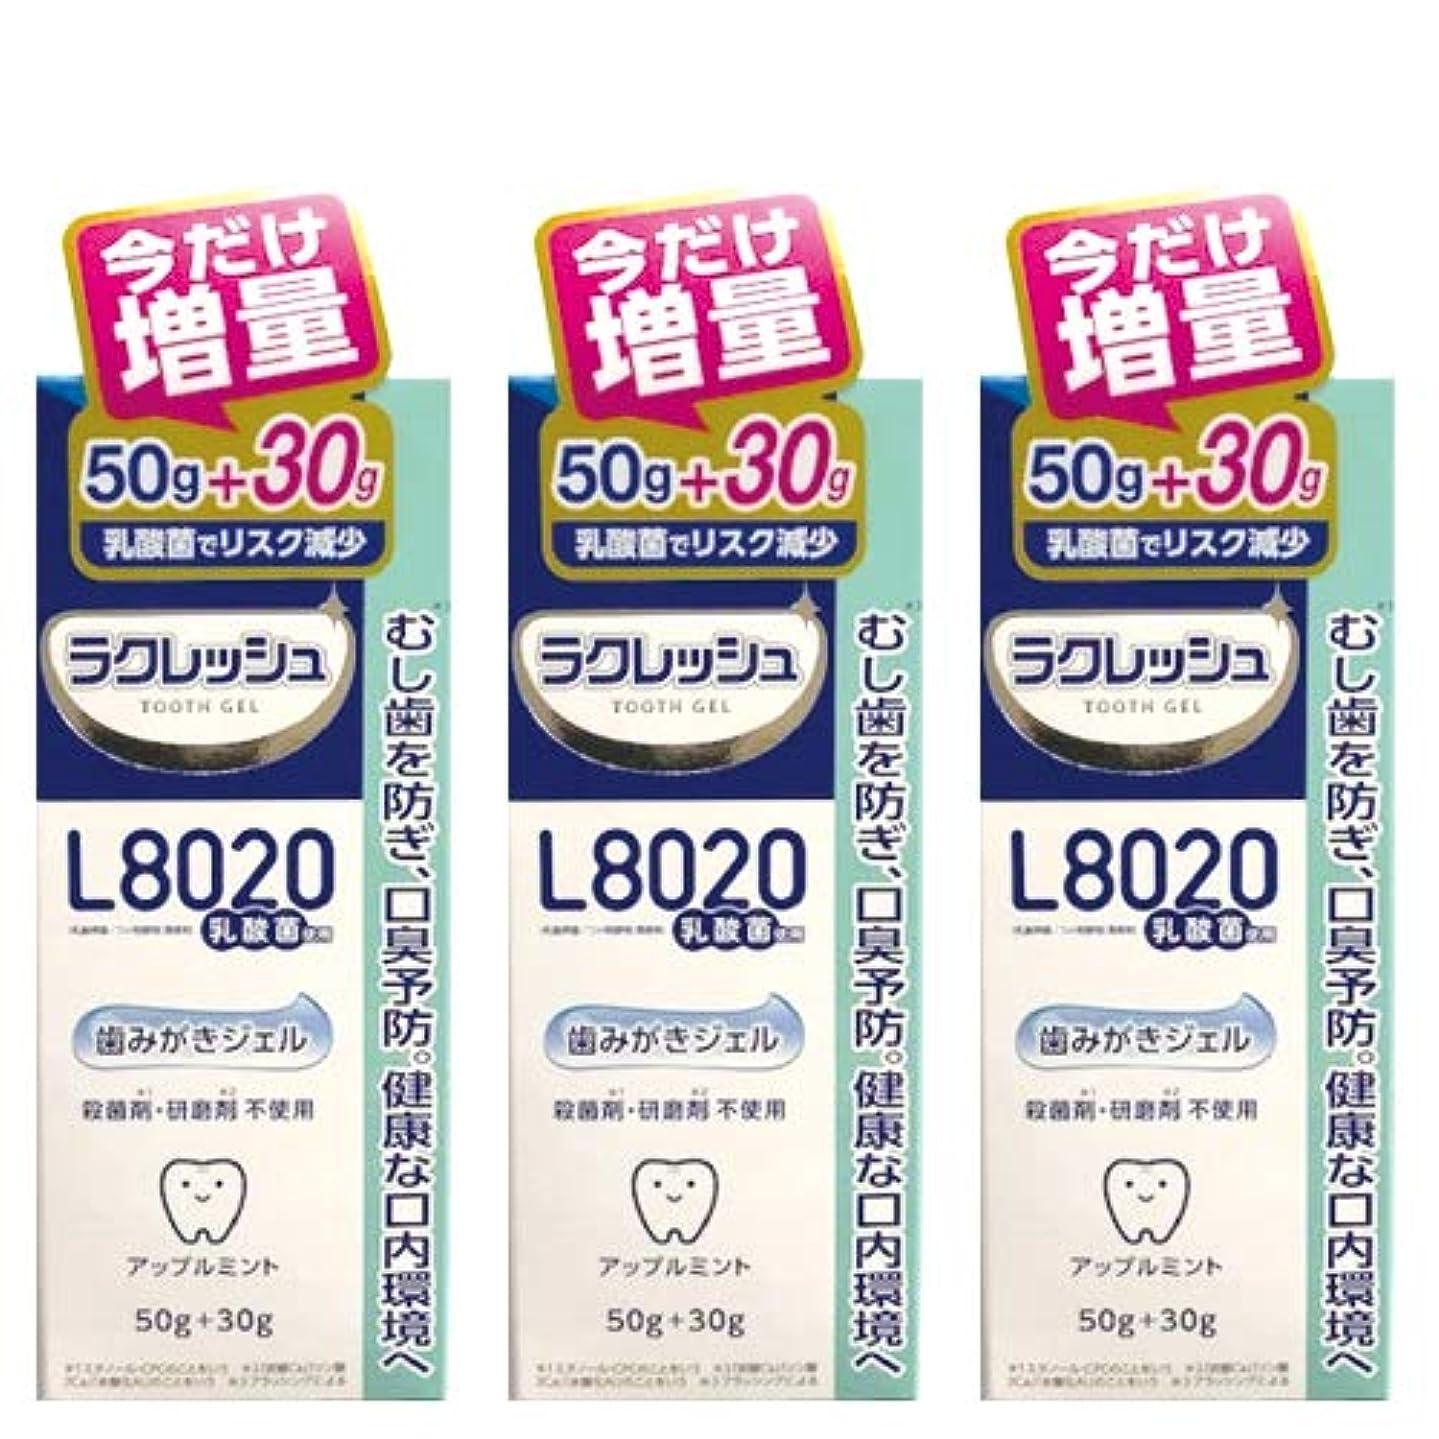 非アクティブステレオ起点【増量30g 】ジェクス L8020乳酸菌 ラクレッシュ 歯みがきジェル 80g(50g+30g)×3本セット